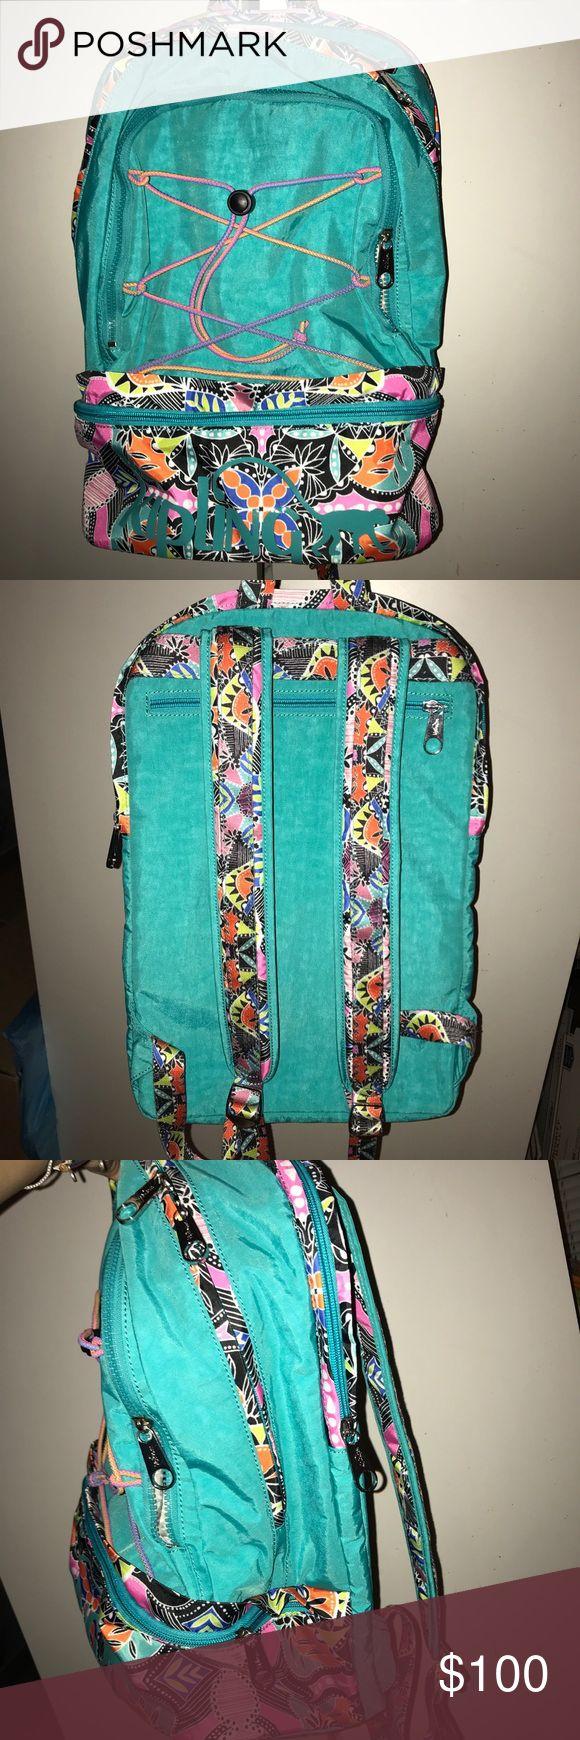 25 best ideas about kipling backpack on pinterest school handbags - Jade Green Kipling Backpack